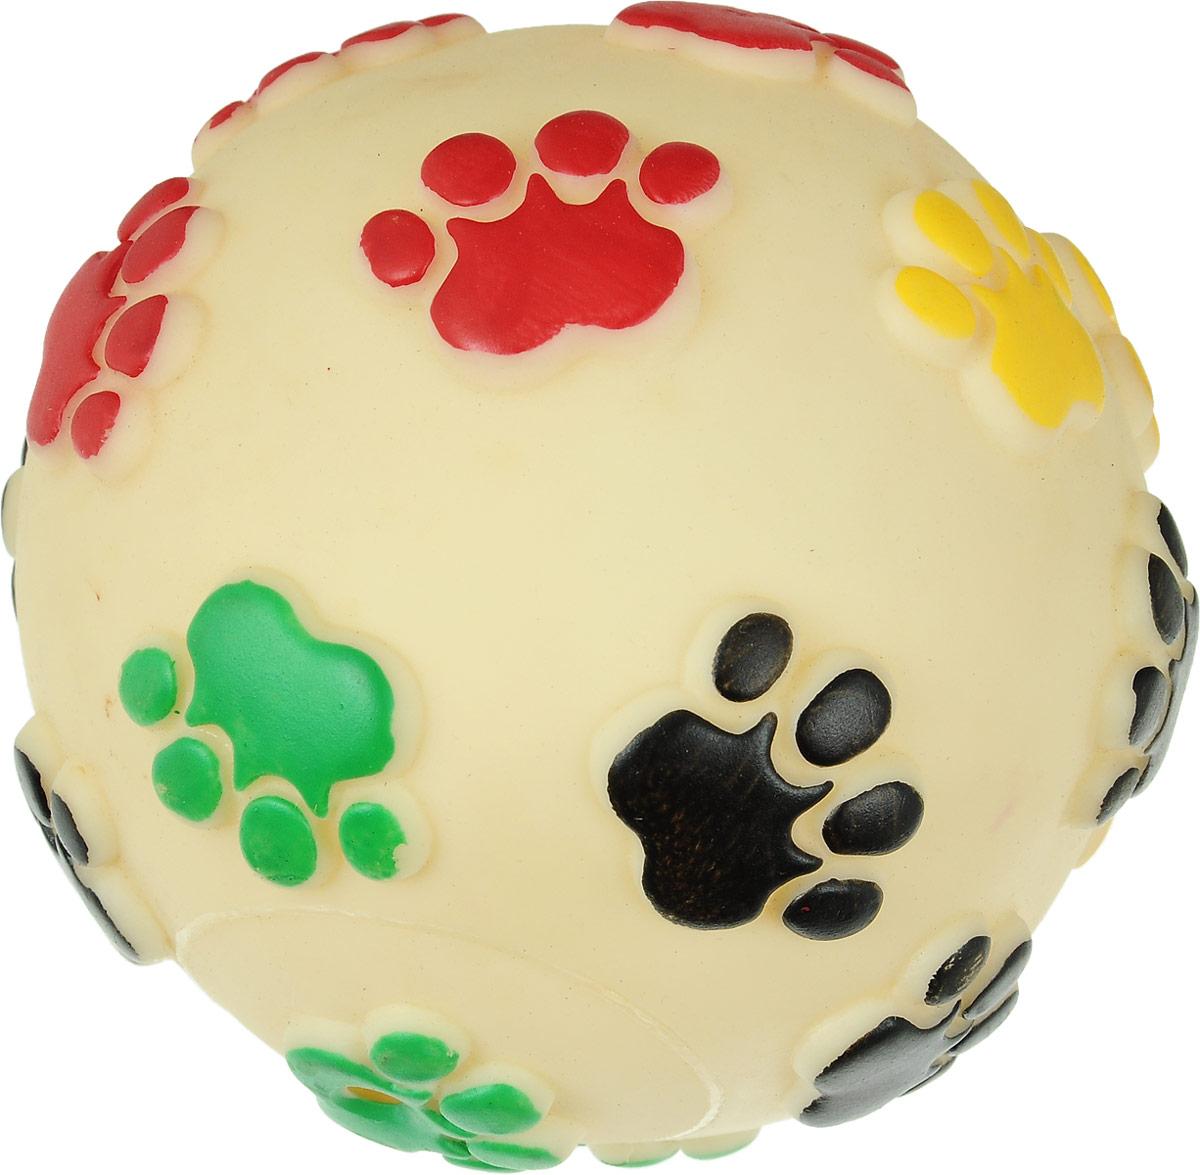 """Игрушка для животных Каскад """"Мяч. Лапки"""", цвет: молочный, черный, зеленый, с пищалкой, диаметр 12,5 см 27754622_молочный"""